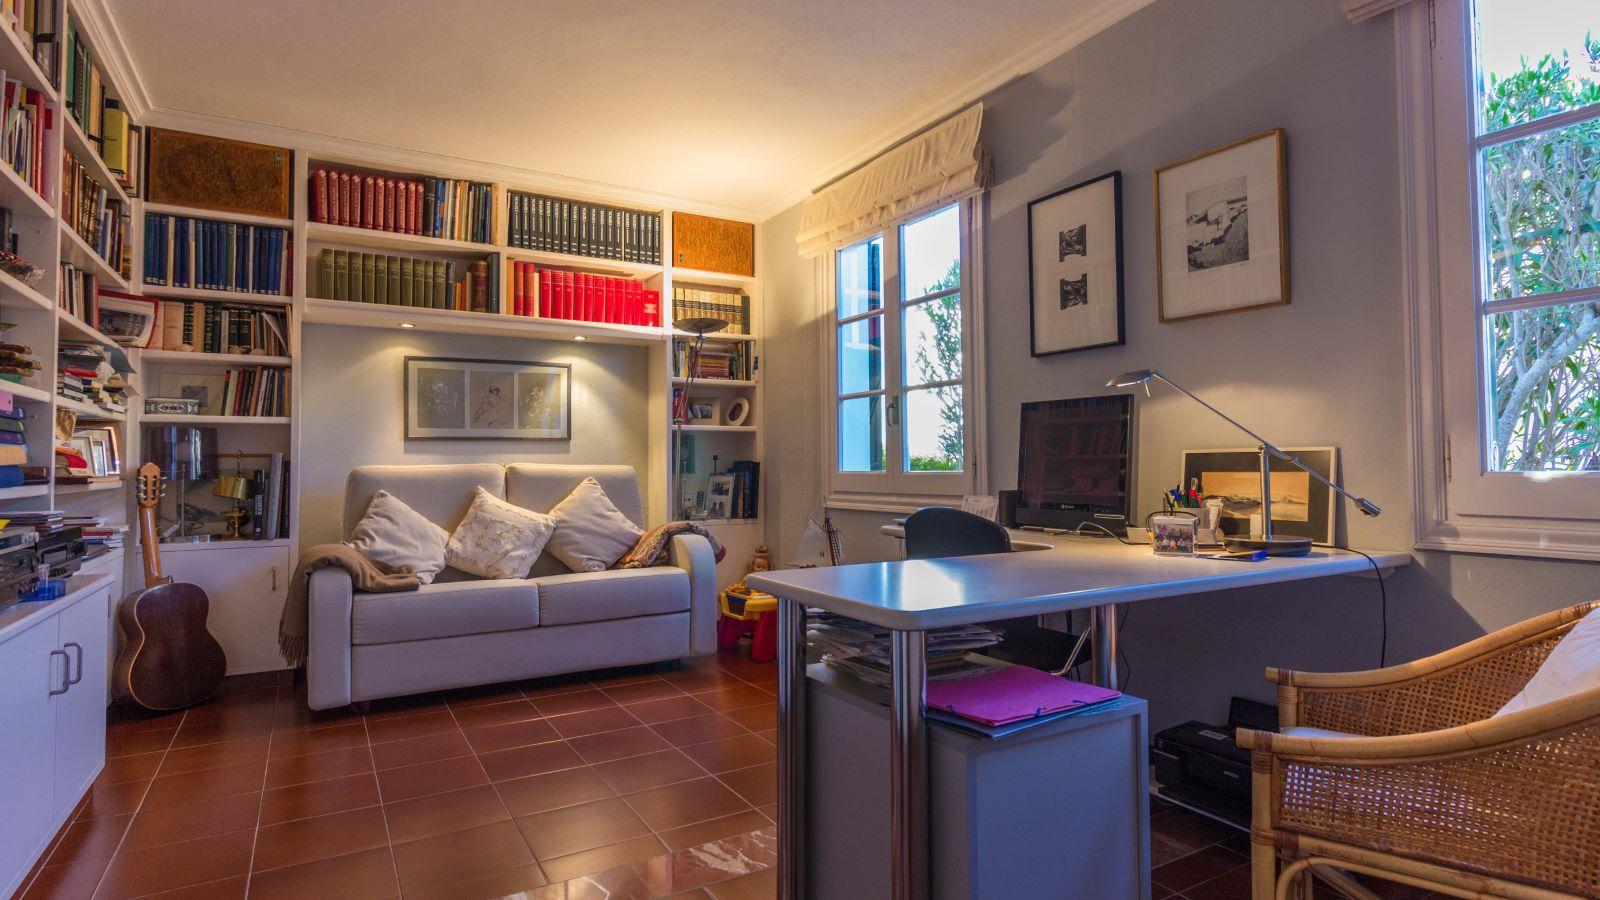 Villa in Santa Ana Ref: M7880 15